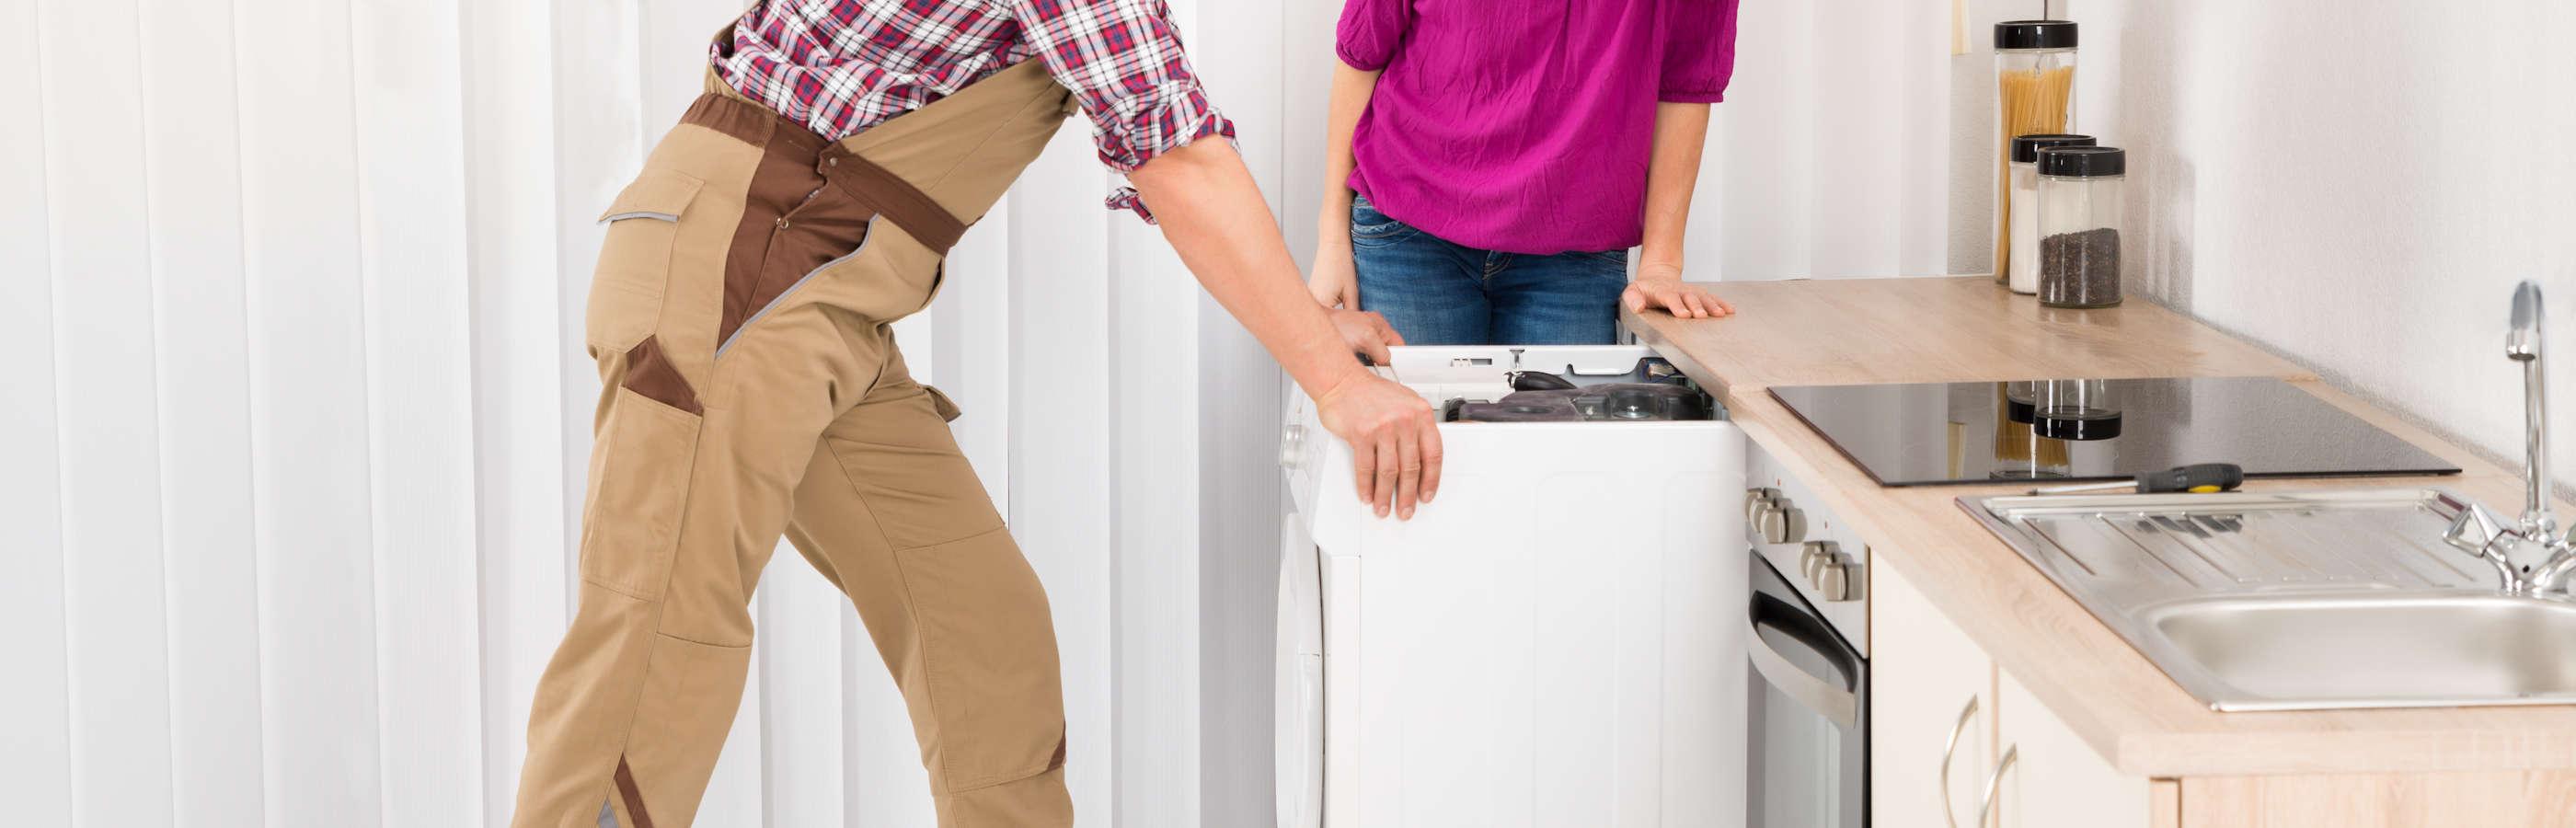 SCANPART - Das passende Zubehör für Küche und Haushalt